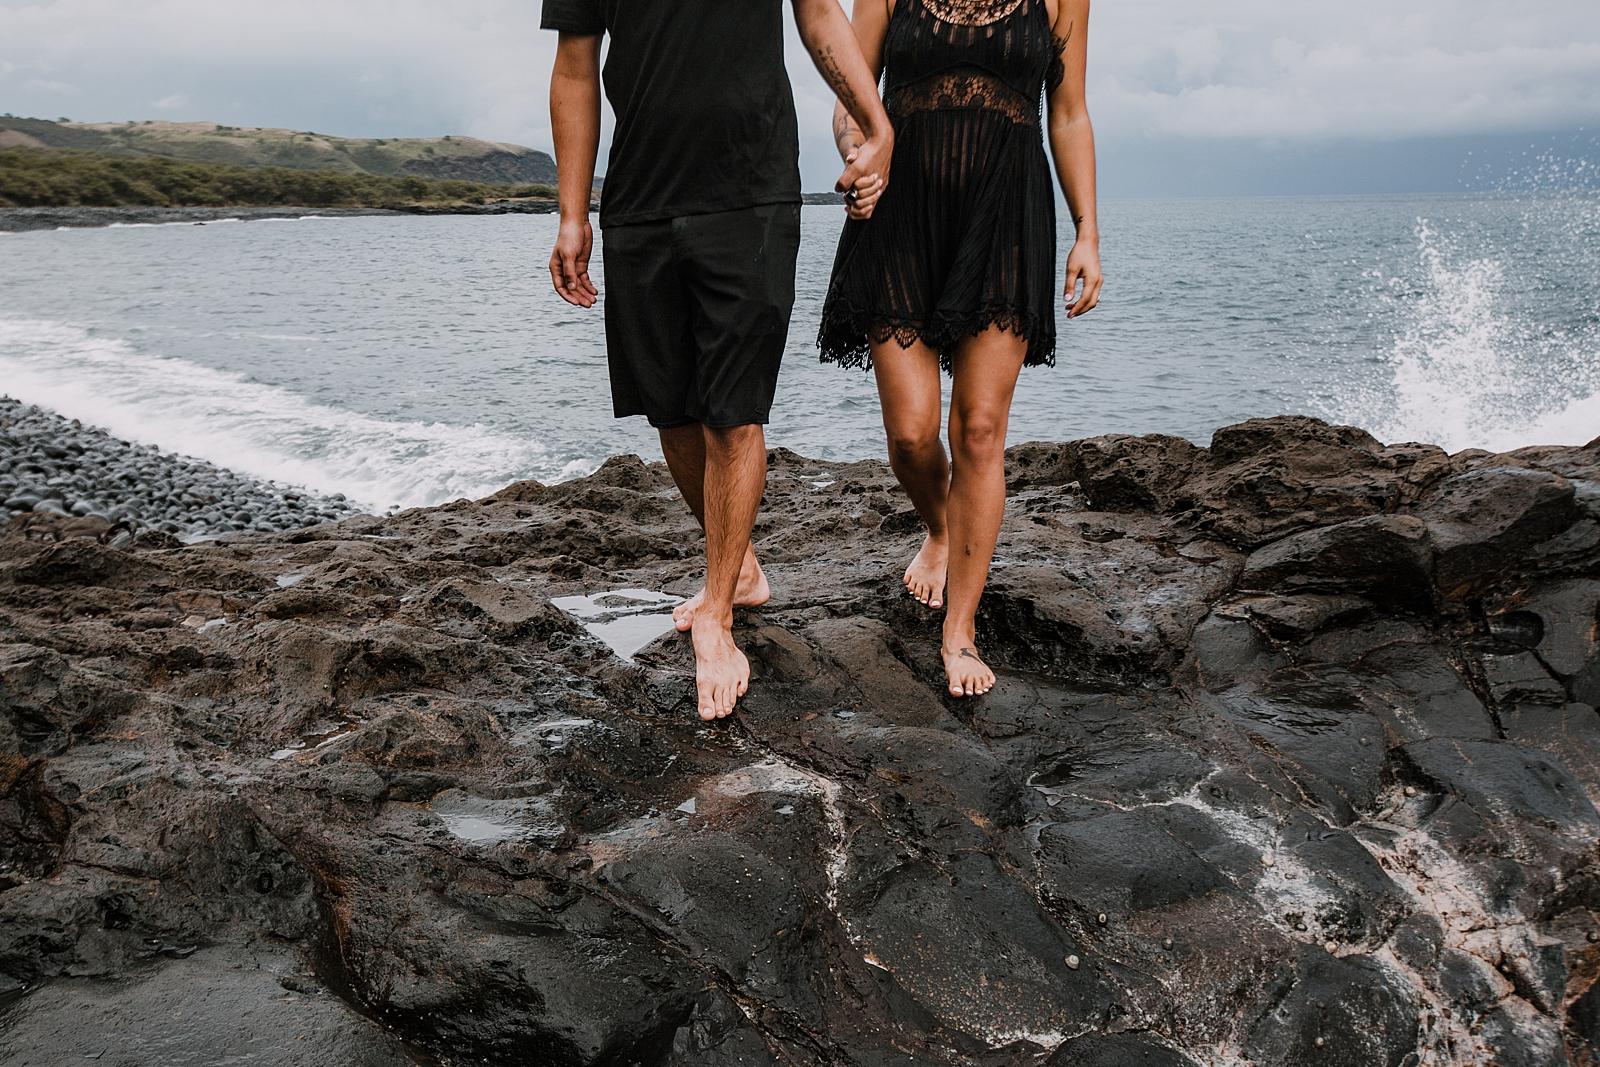 hiking kaupo on the road to hana maui hawaii, maui swimsuit engagements, hawaii waterfalls hike, hawaiian coastline, hiking the maui coast, driving the road to hana